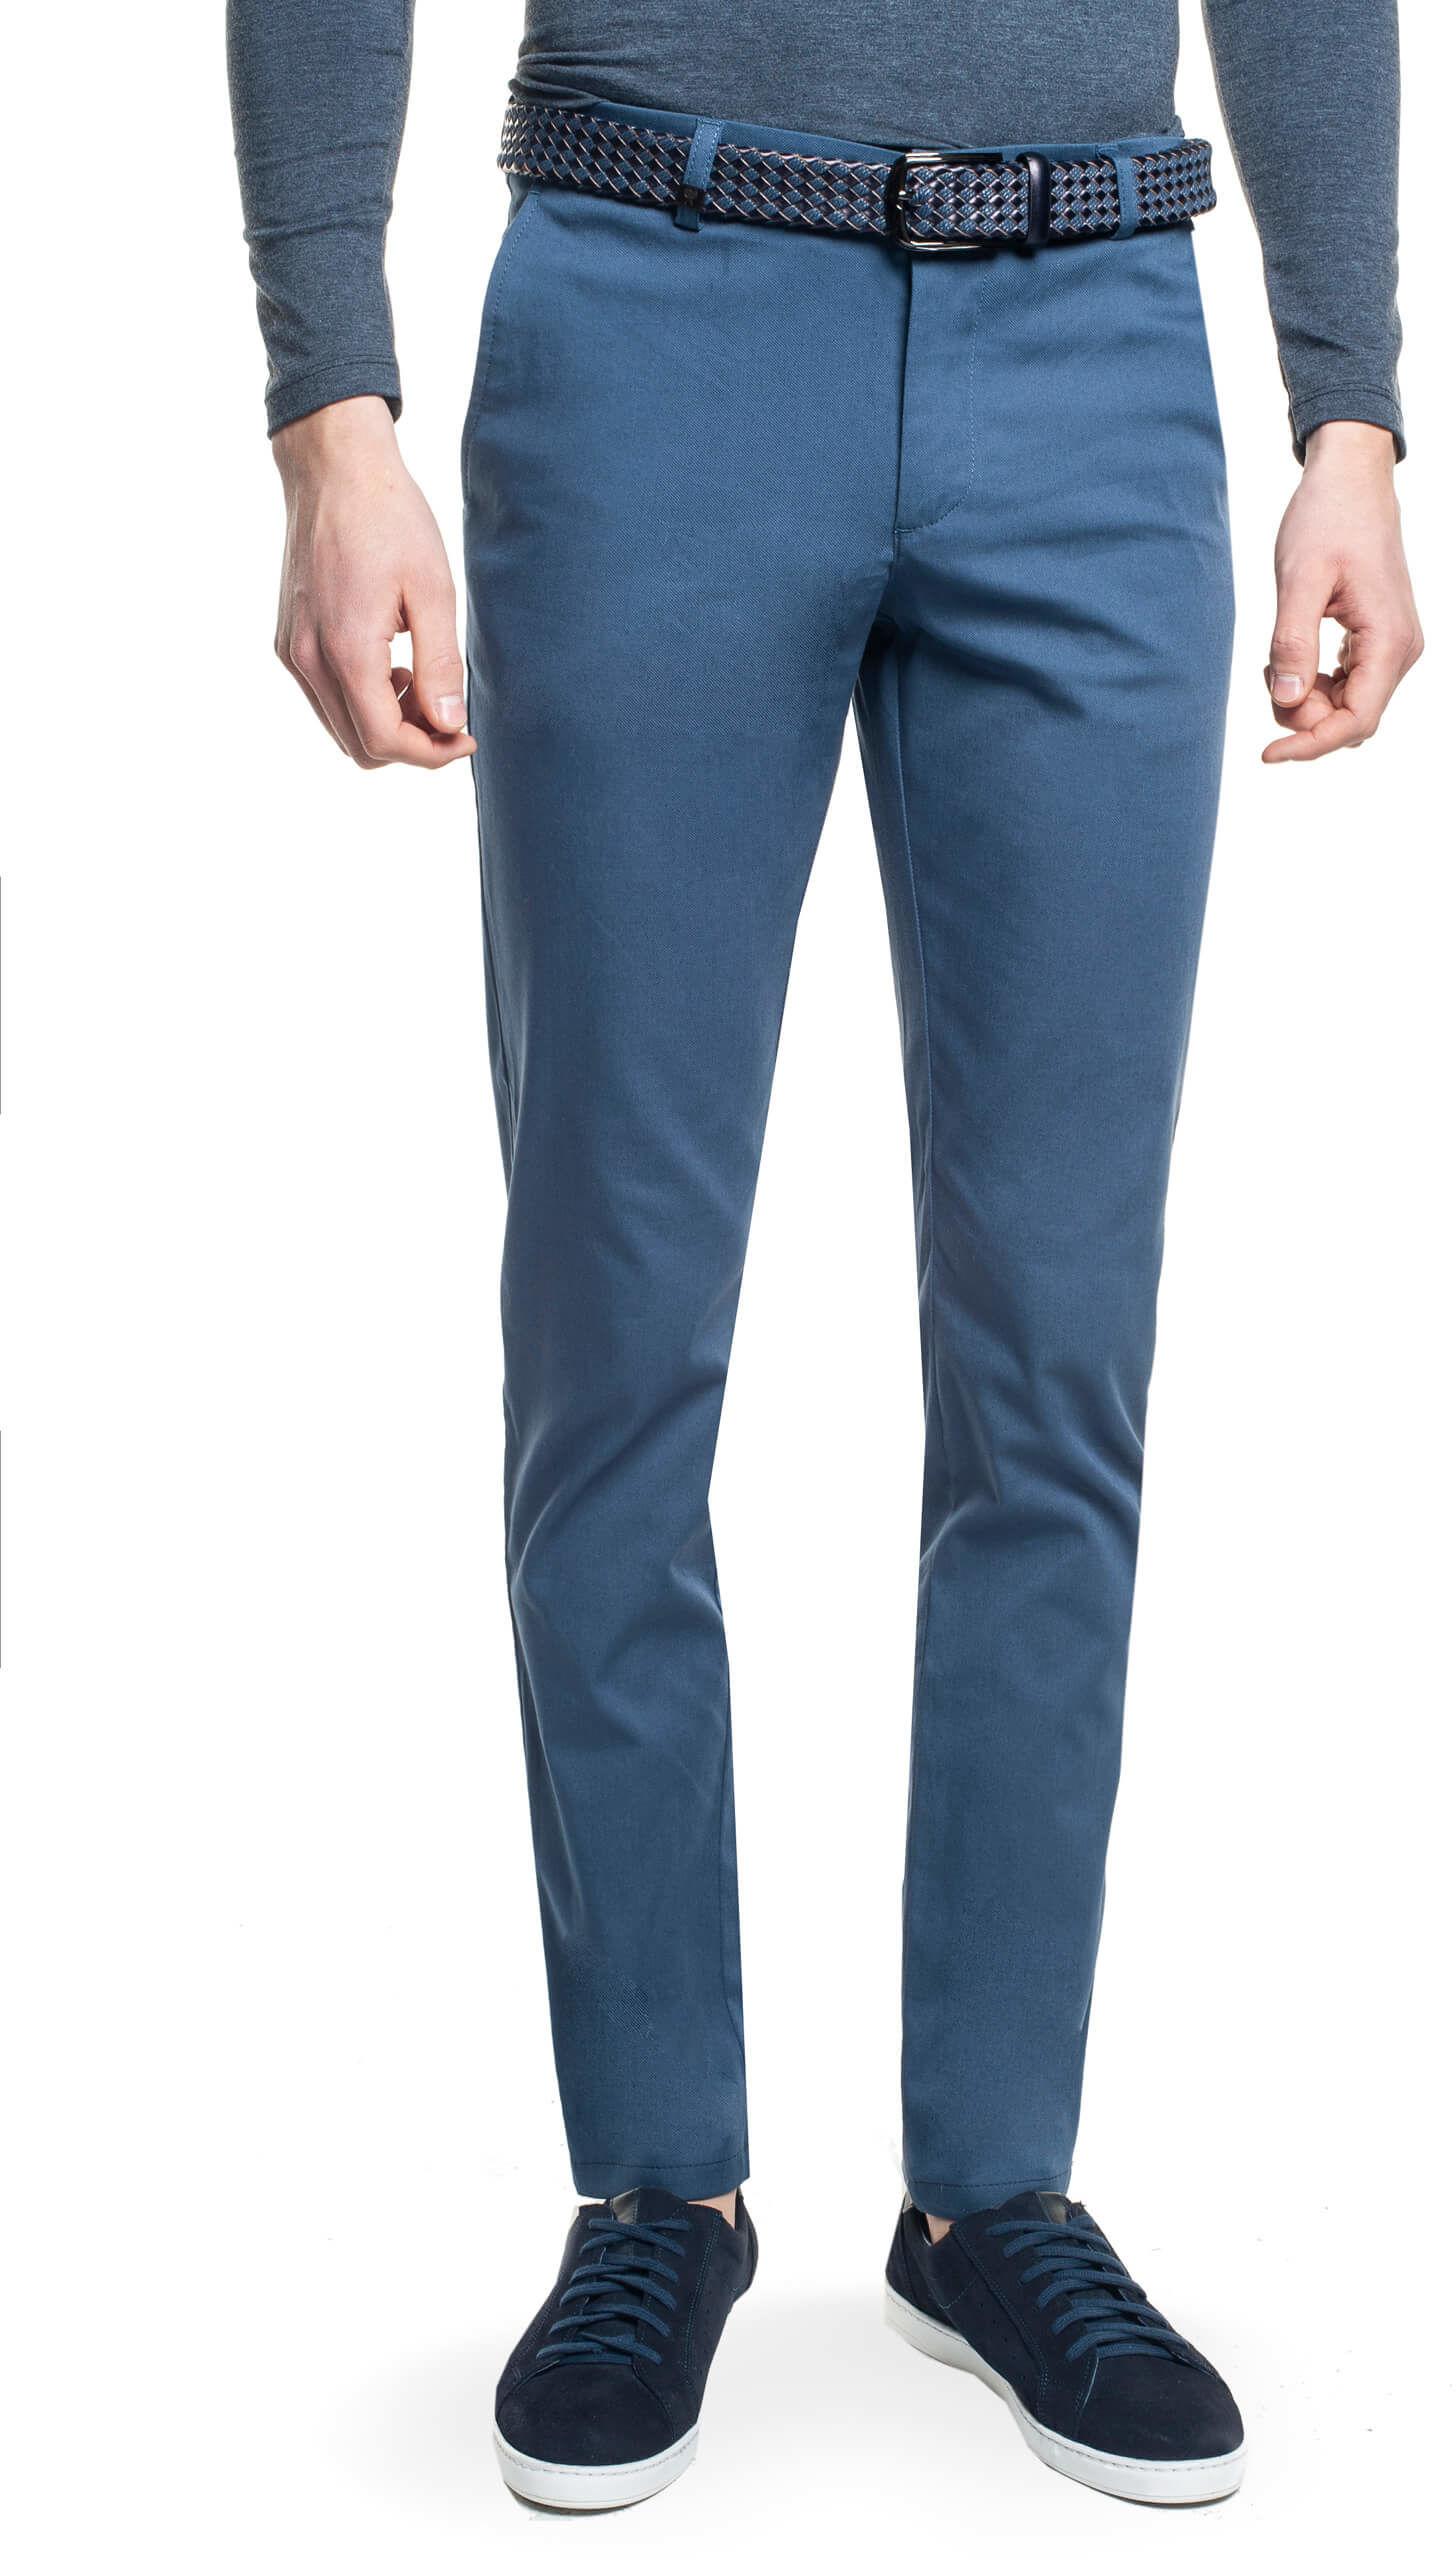 spodnie andy 217 niebieski